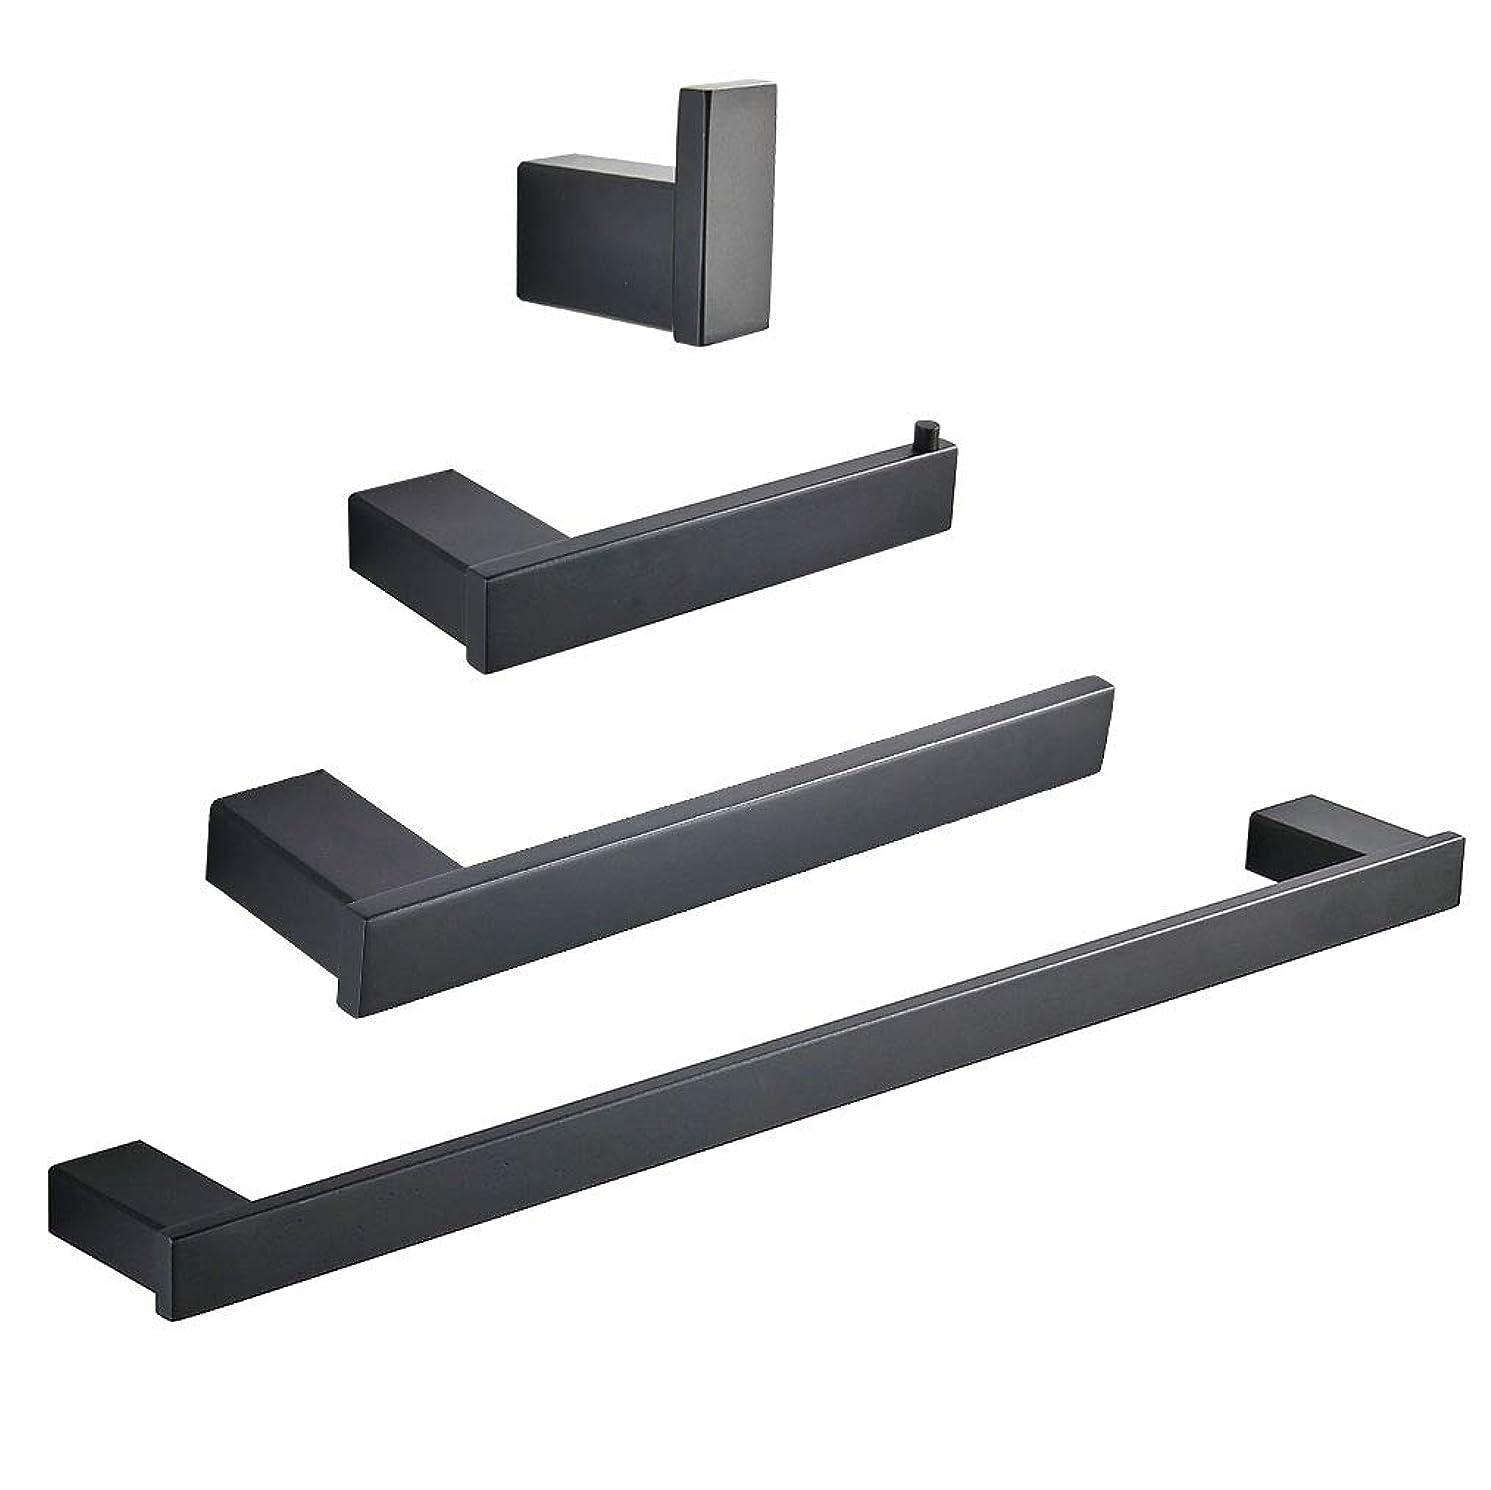 Gimili Bathroom Hardware Set Include Towel Bar Towel Ring Toilet Paper Holder Robe Hooks Bathroom Accessories Sets Complete,Matte Black